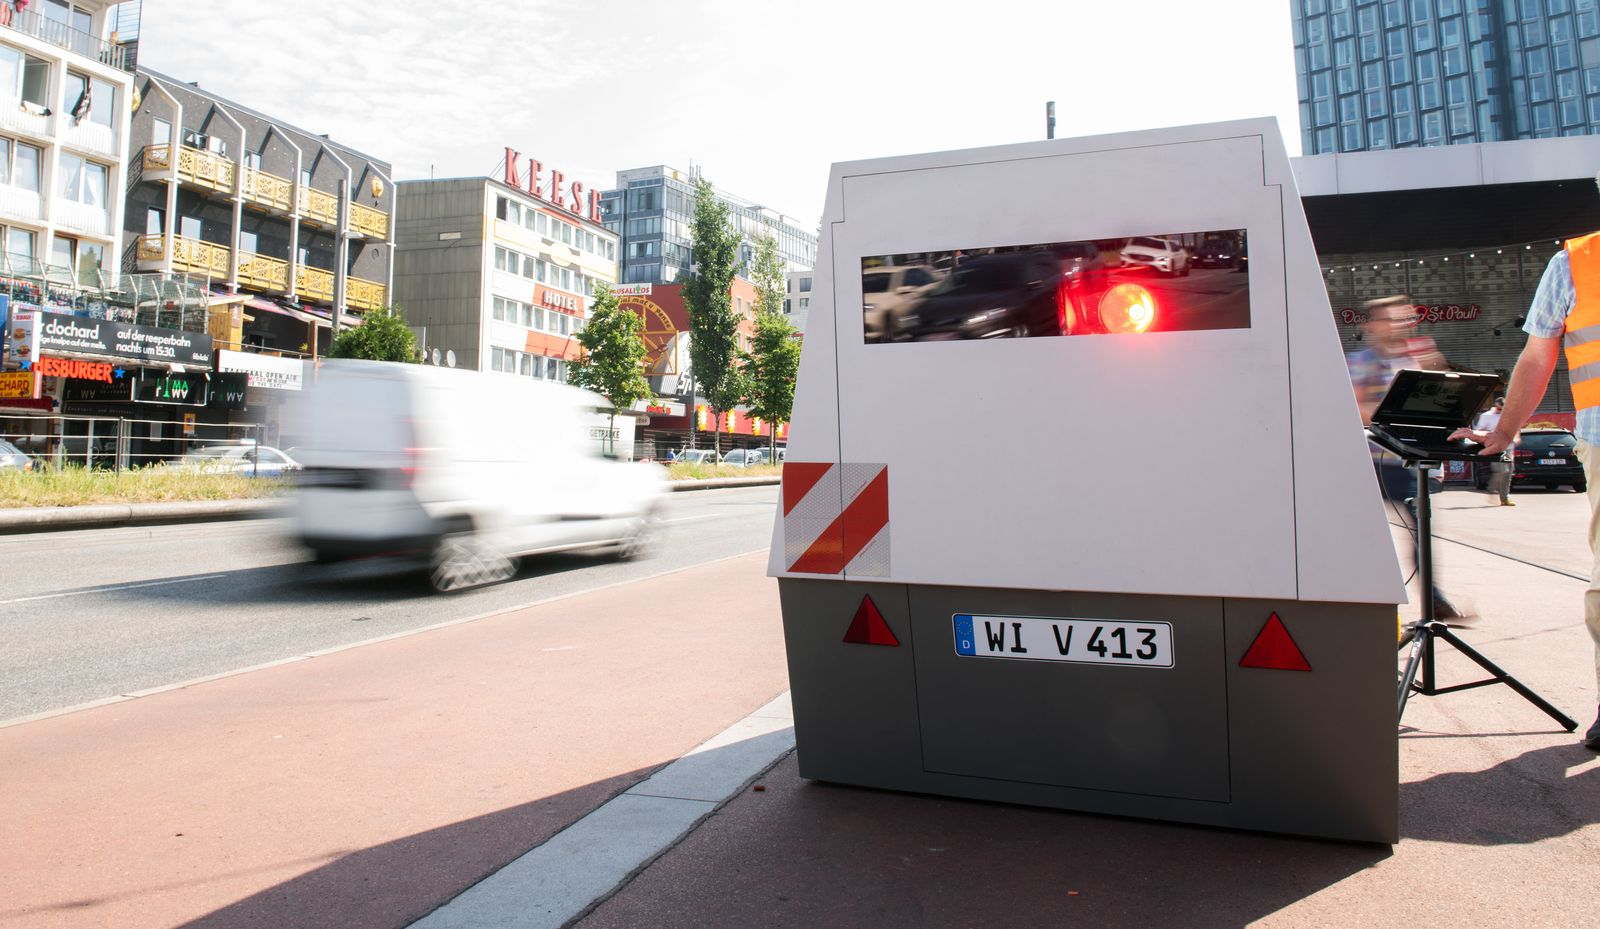 Mobiler Blitzer / Geschwindigkeitskontrolle